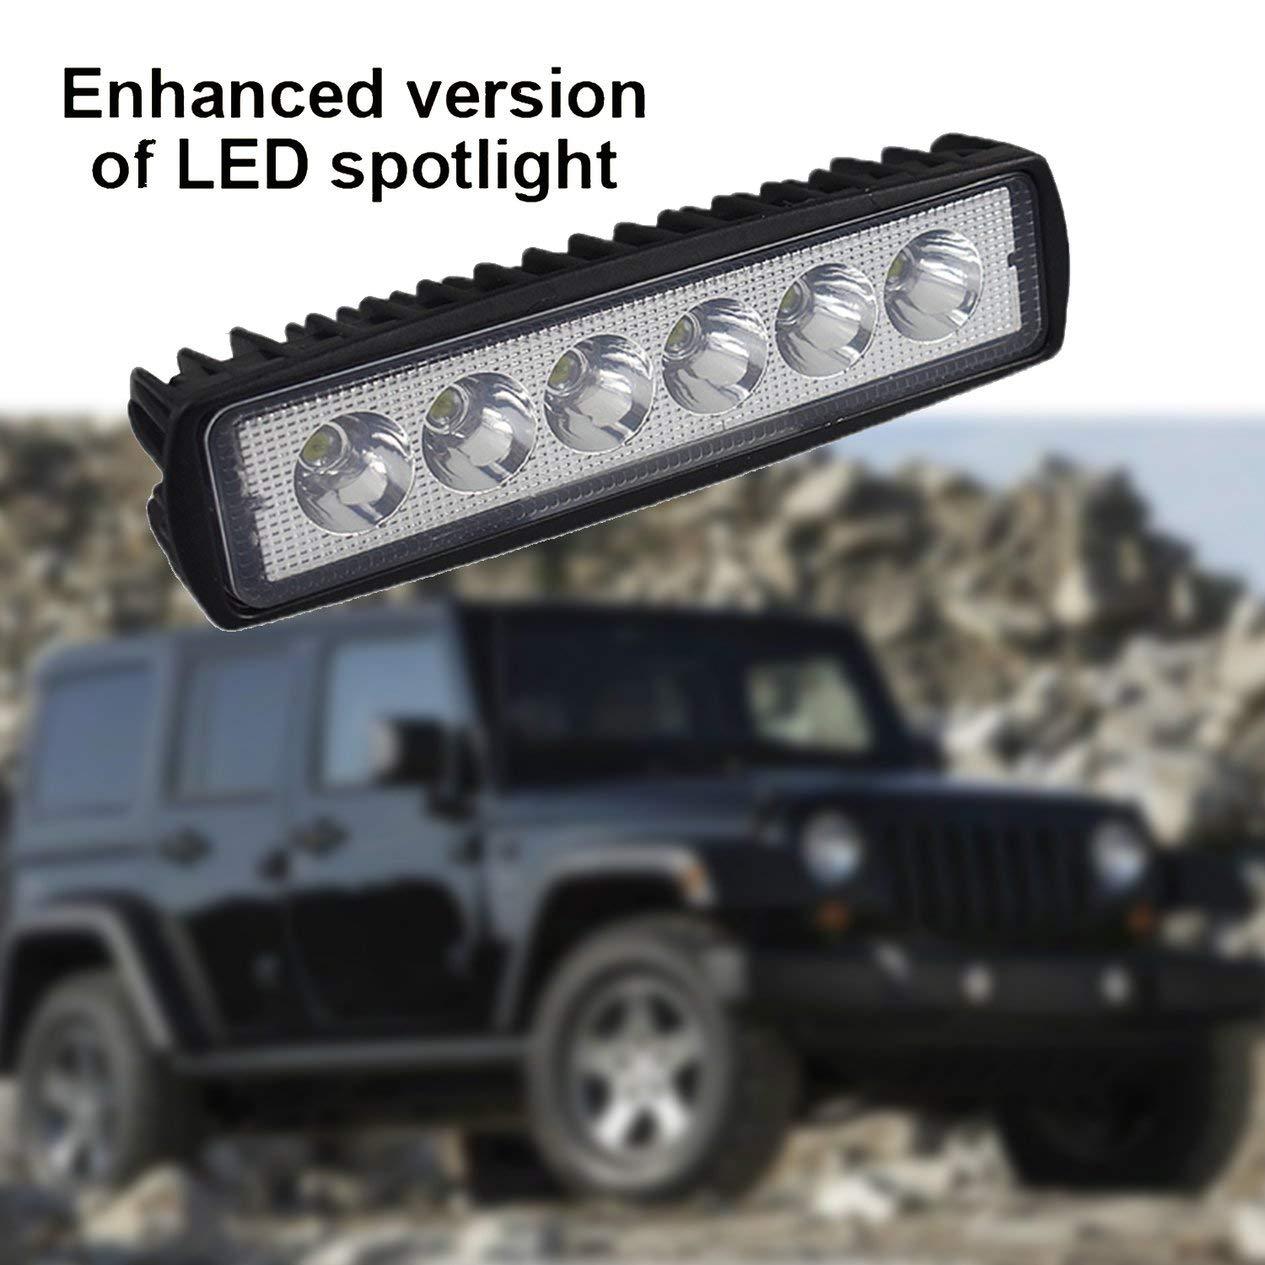 EdBerk74 18 W LED DRL Luci di lavoro per auto Luce fuoristrada impermeabile Faretto super luminoso per moto fuoristrada